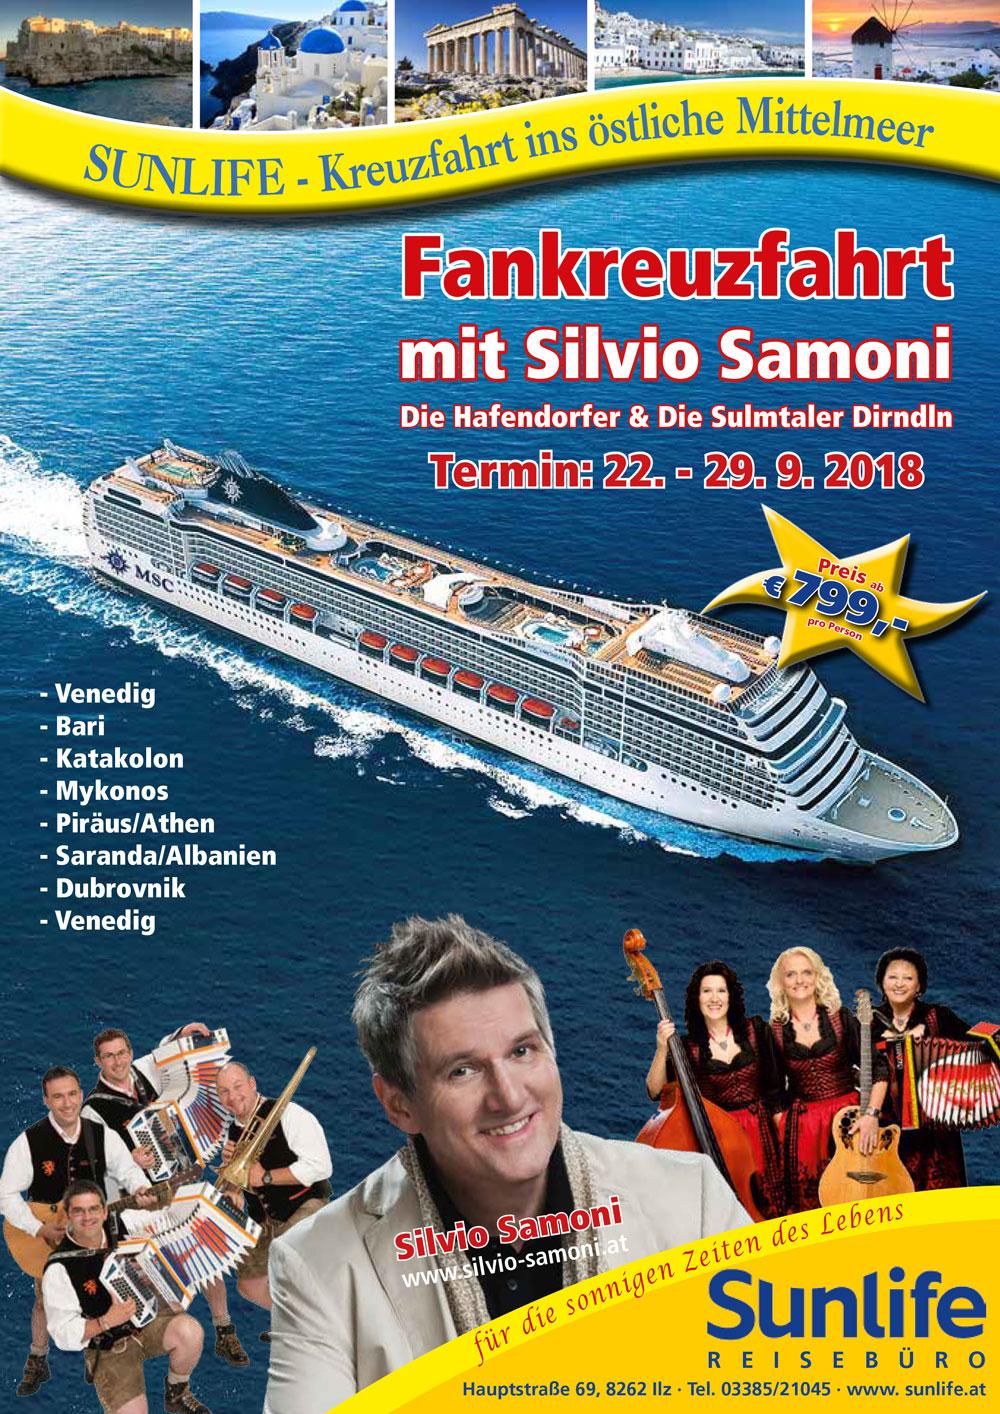 Musikkreuzfahrt-östliches-Mittelmeer-2018-Silvio-Samoni-1